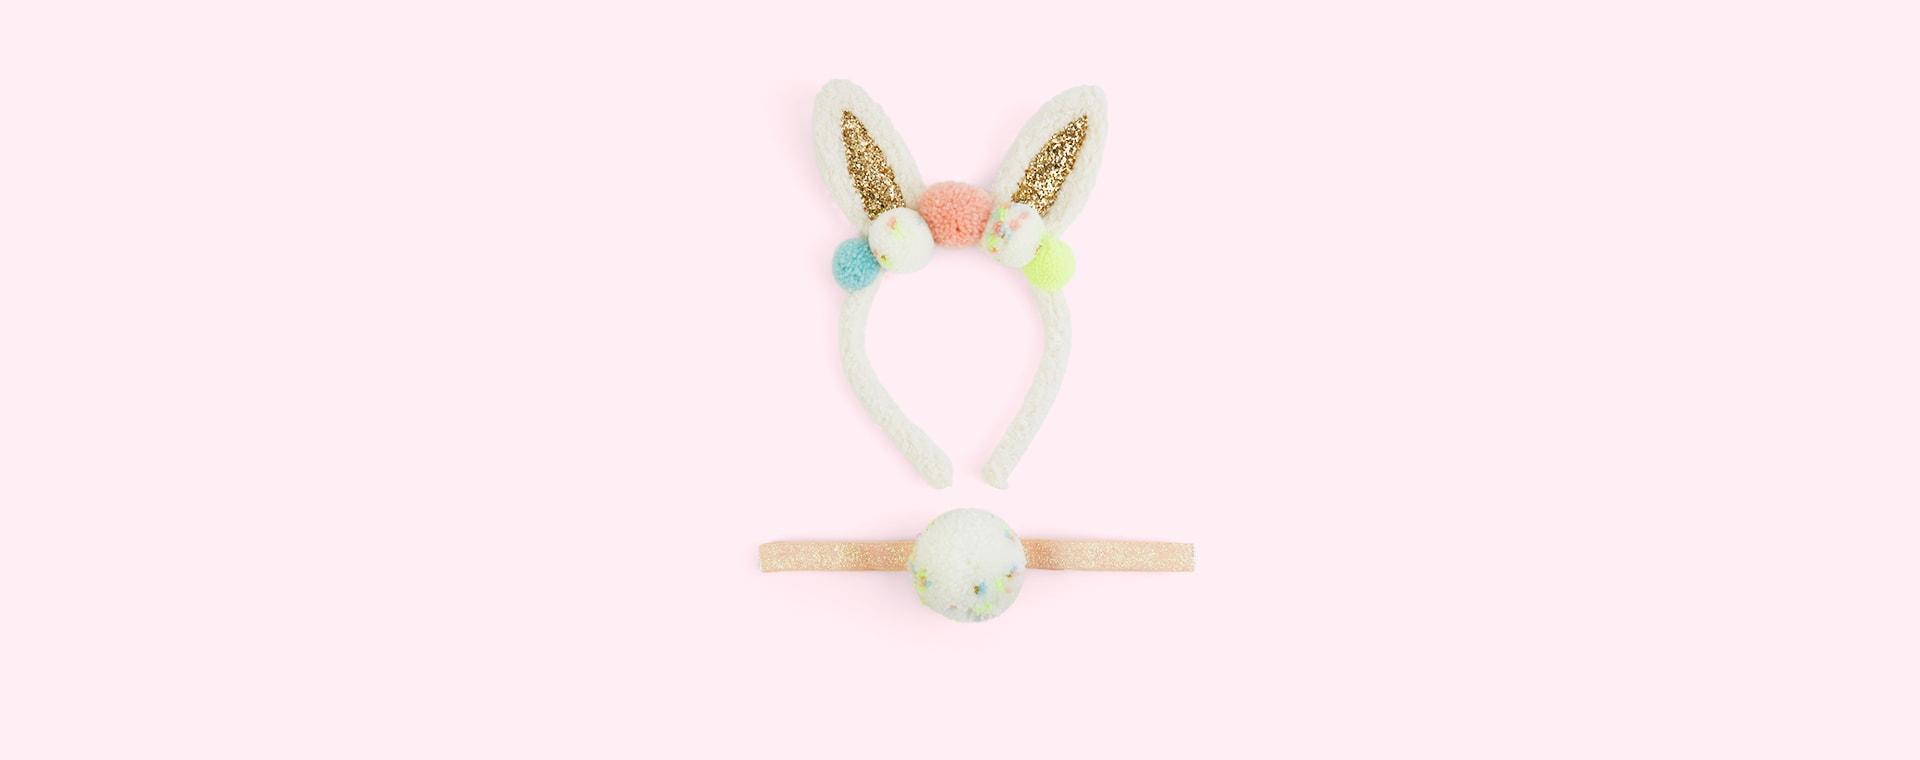 Multi Meri Meri Pom Pom Bunny Ear Dress Up